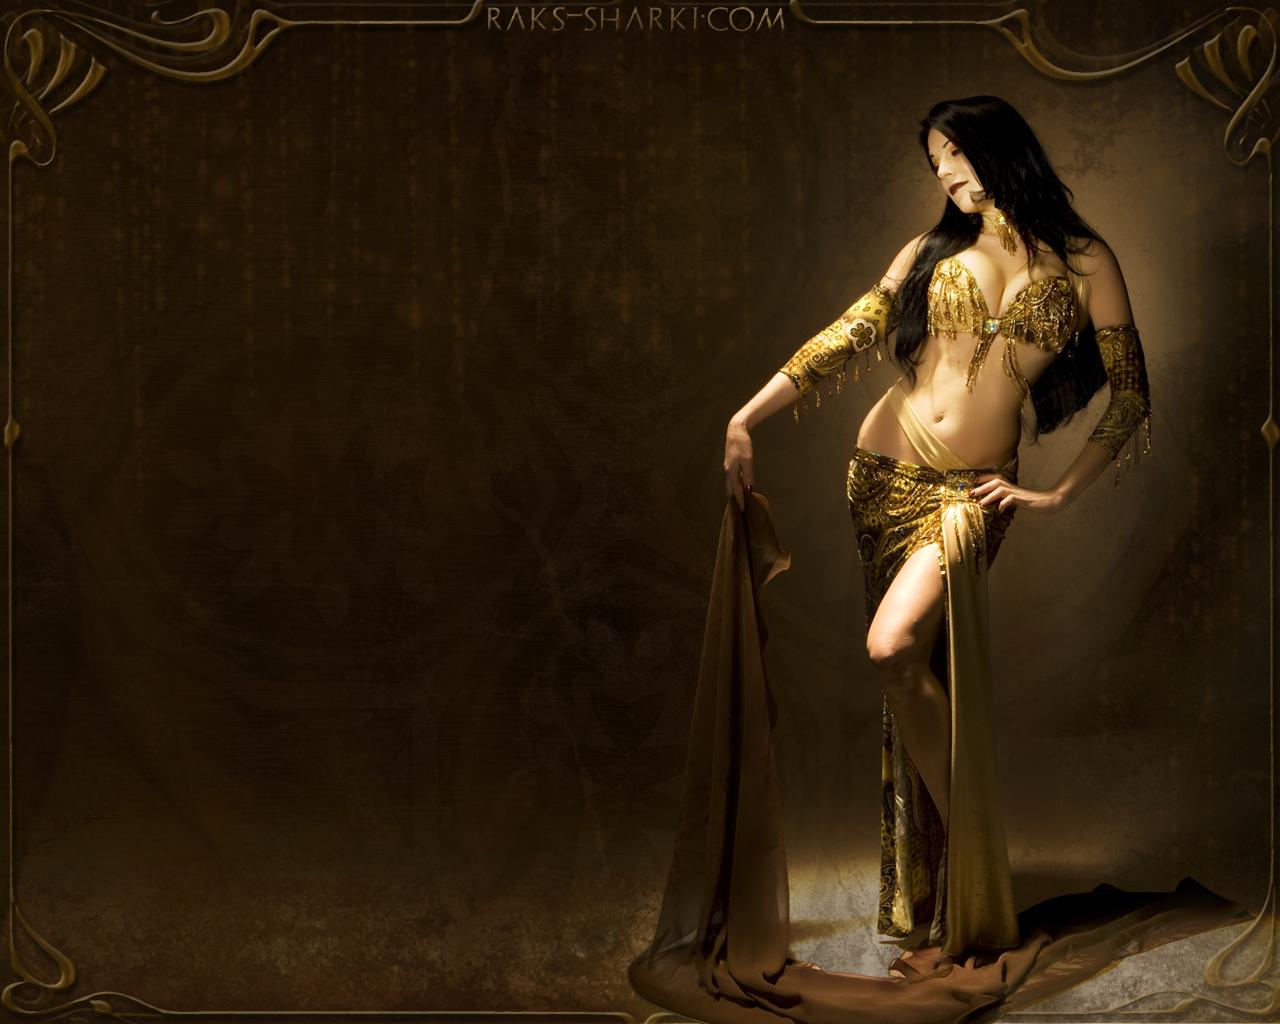 http://2.bp.blogspot.com/-Y1BQ6TRL1uQ/Tw0zL7G80bI/AAAAAAAAByI/hIA-ZgIjzzI/s1600/wallpaper-danza-arabe.jpg